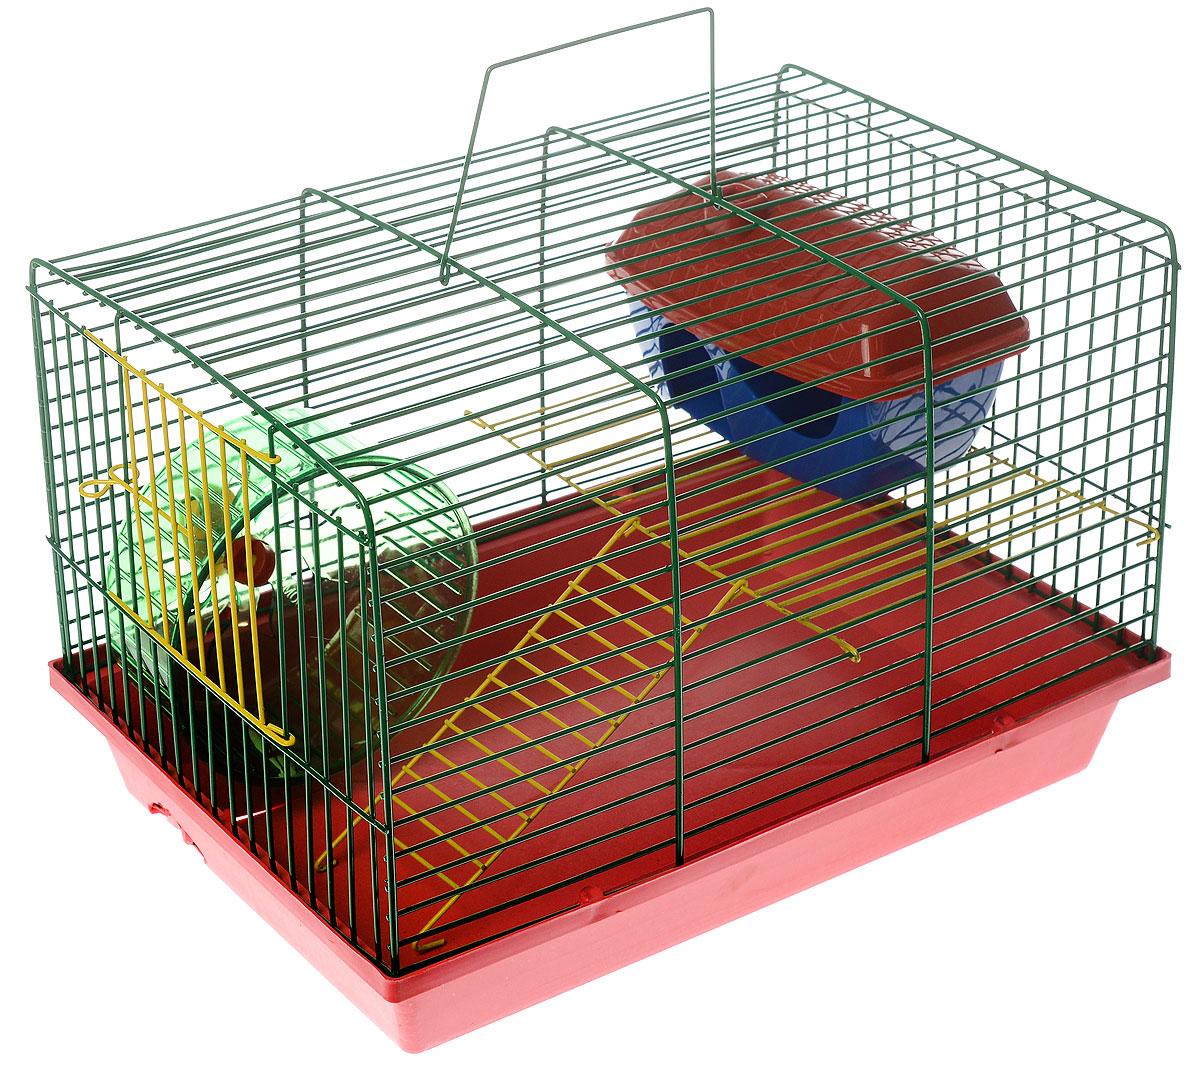 Клетка для грызунов ЗооМарк, 2-этажная, цвет: розовый поддон, зеленая решетка, желтый этаж, 36 х 22 х 24 см. 125ж125ж_розовый, зеленыйКлетка ЗооМарк, выполненная из полипропилена и металла, подходит для мелких грызунов. Изделие двухэтажное, оборудовано колесом для подвижных игр и пластиковым домиком. Клетка имеет яркий поддон, удобна в использовании и легко чистится. Сверху имеется ручка для переноски. Такая клетка станет уединенным личным пространством и уютным домиком для маленького грызуна.